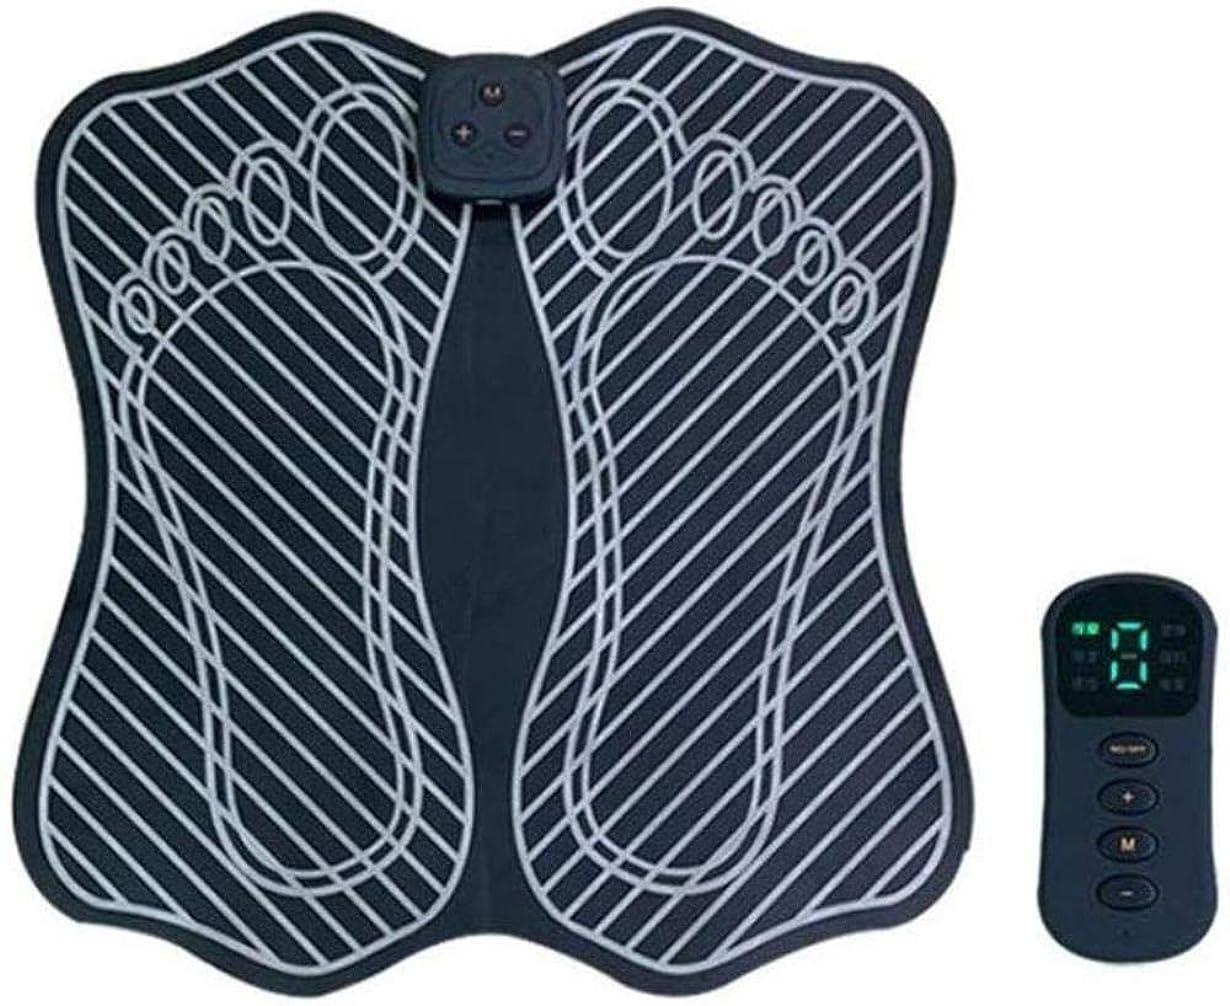 連続した階層召喚する足マッサージャー EMS フットマッサージャー 折り畳み式 パルス 電気 振動 筋肉刺激 リラックス用品 マシン ワイヤレス 足バイブレータ 理学療法 美脚トレーニング